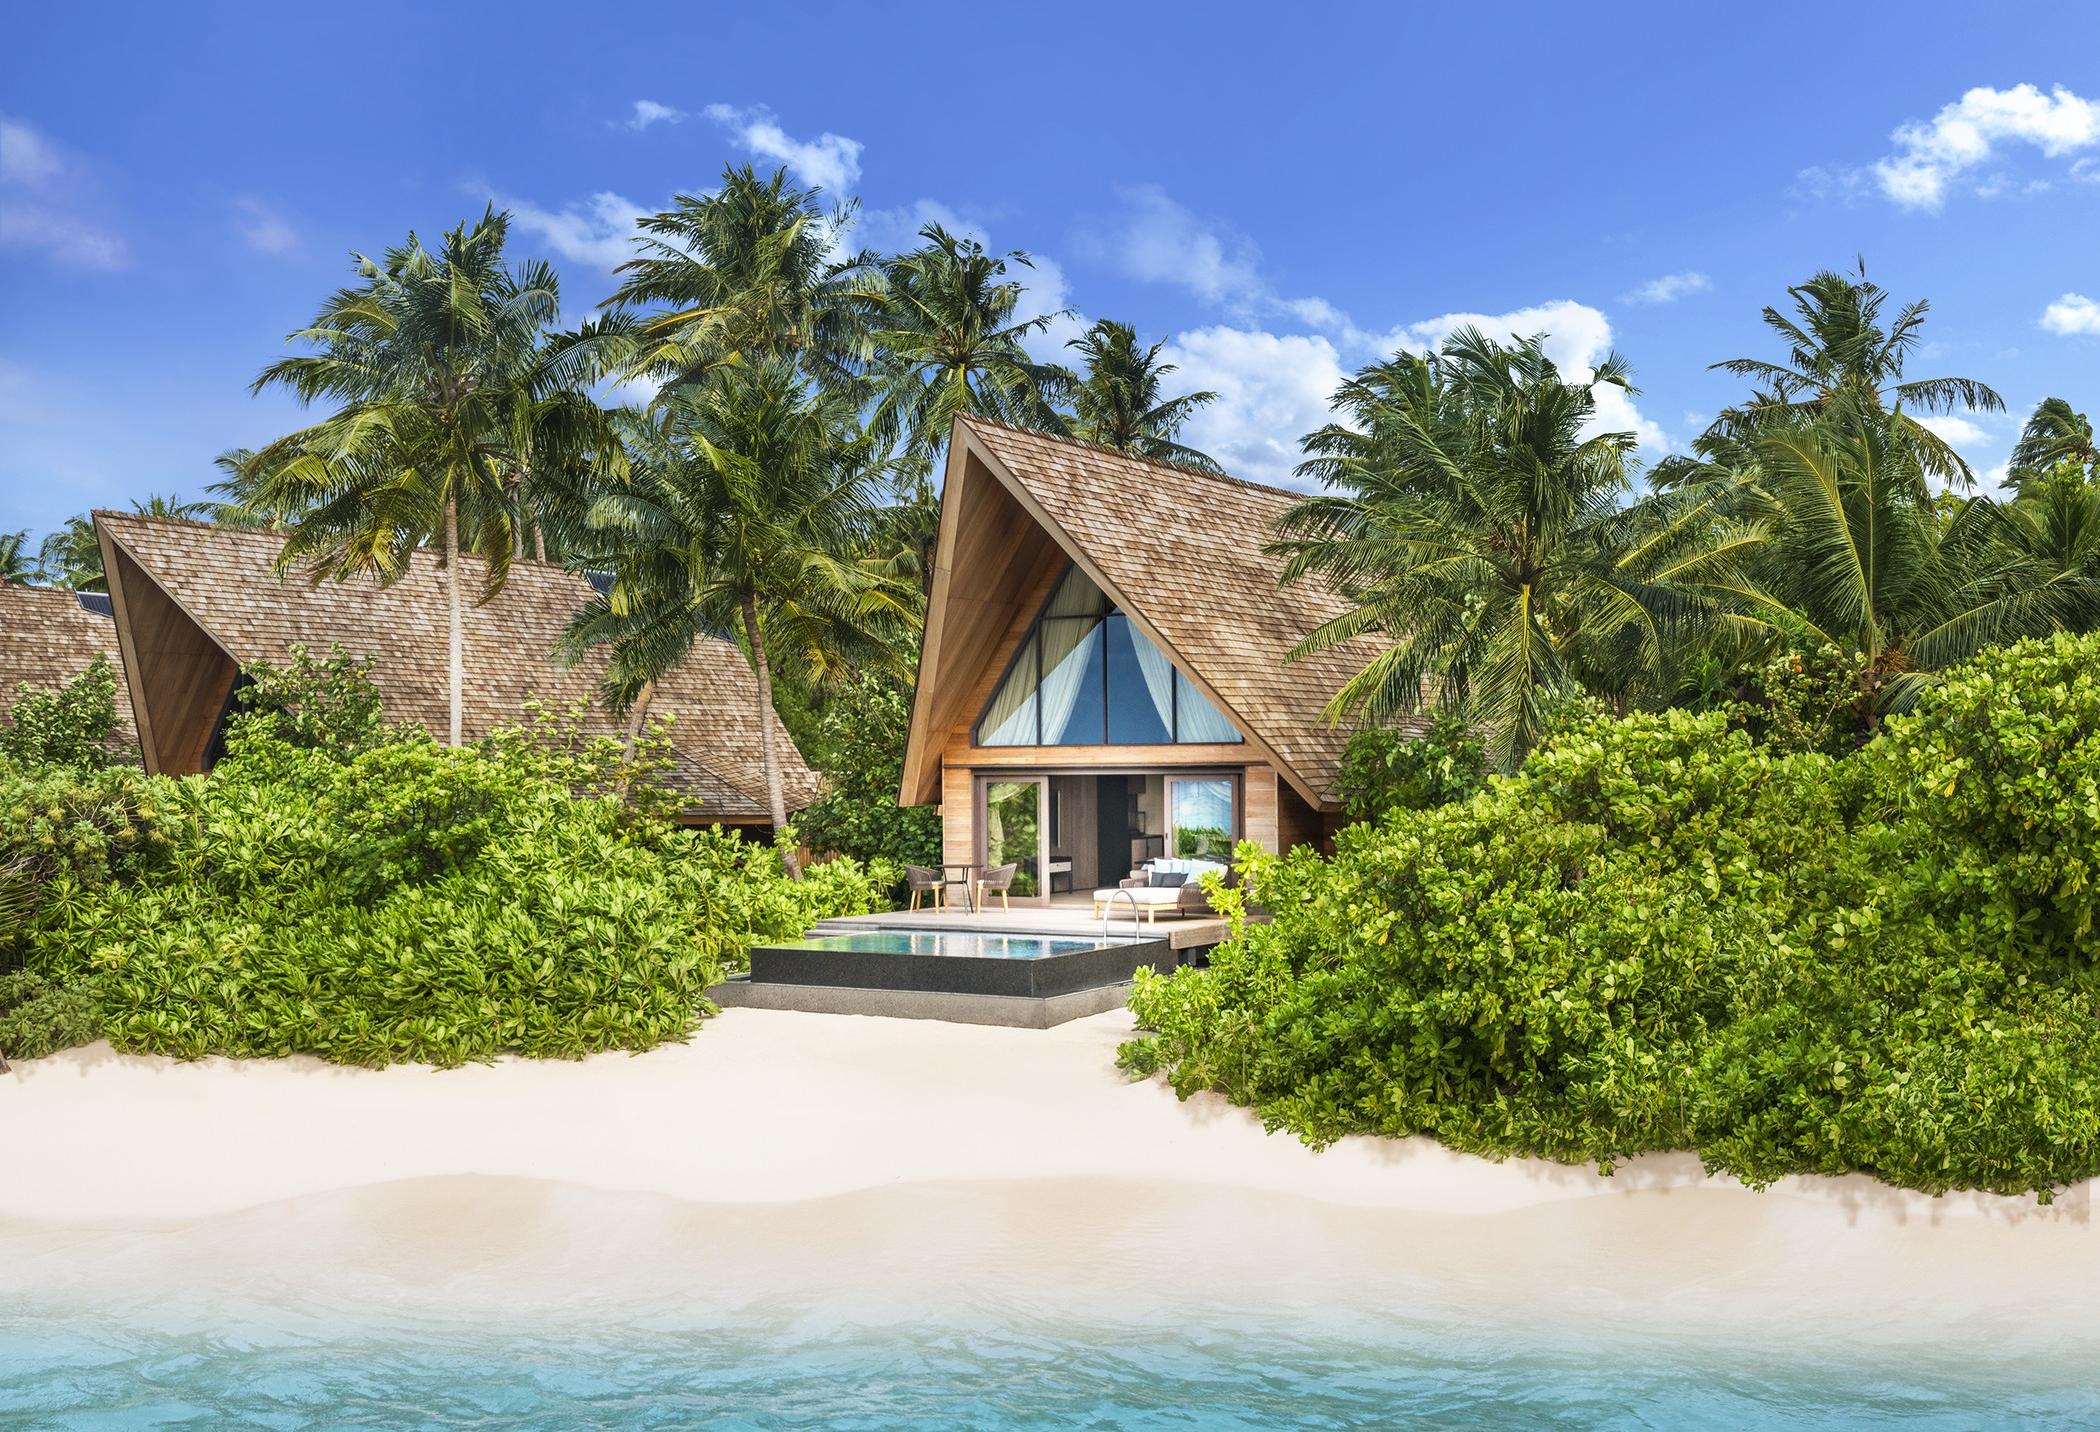 str4315ex-195091-Beach Villa with Pool - Exterior-Med.jpg